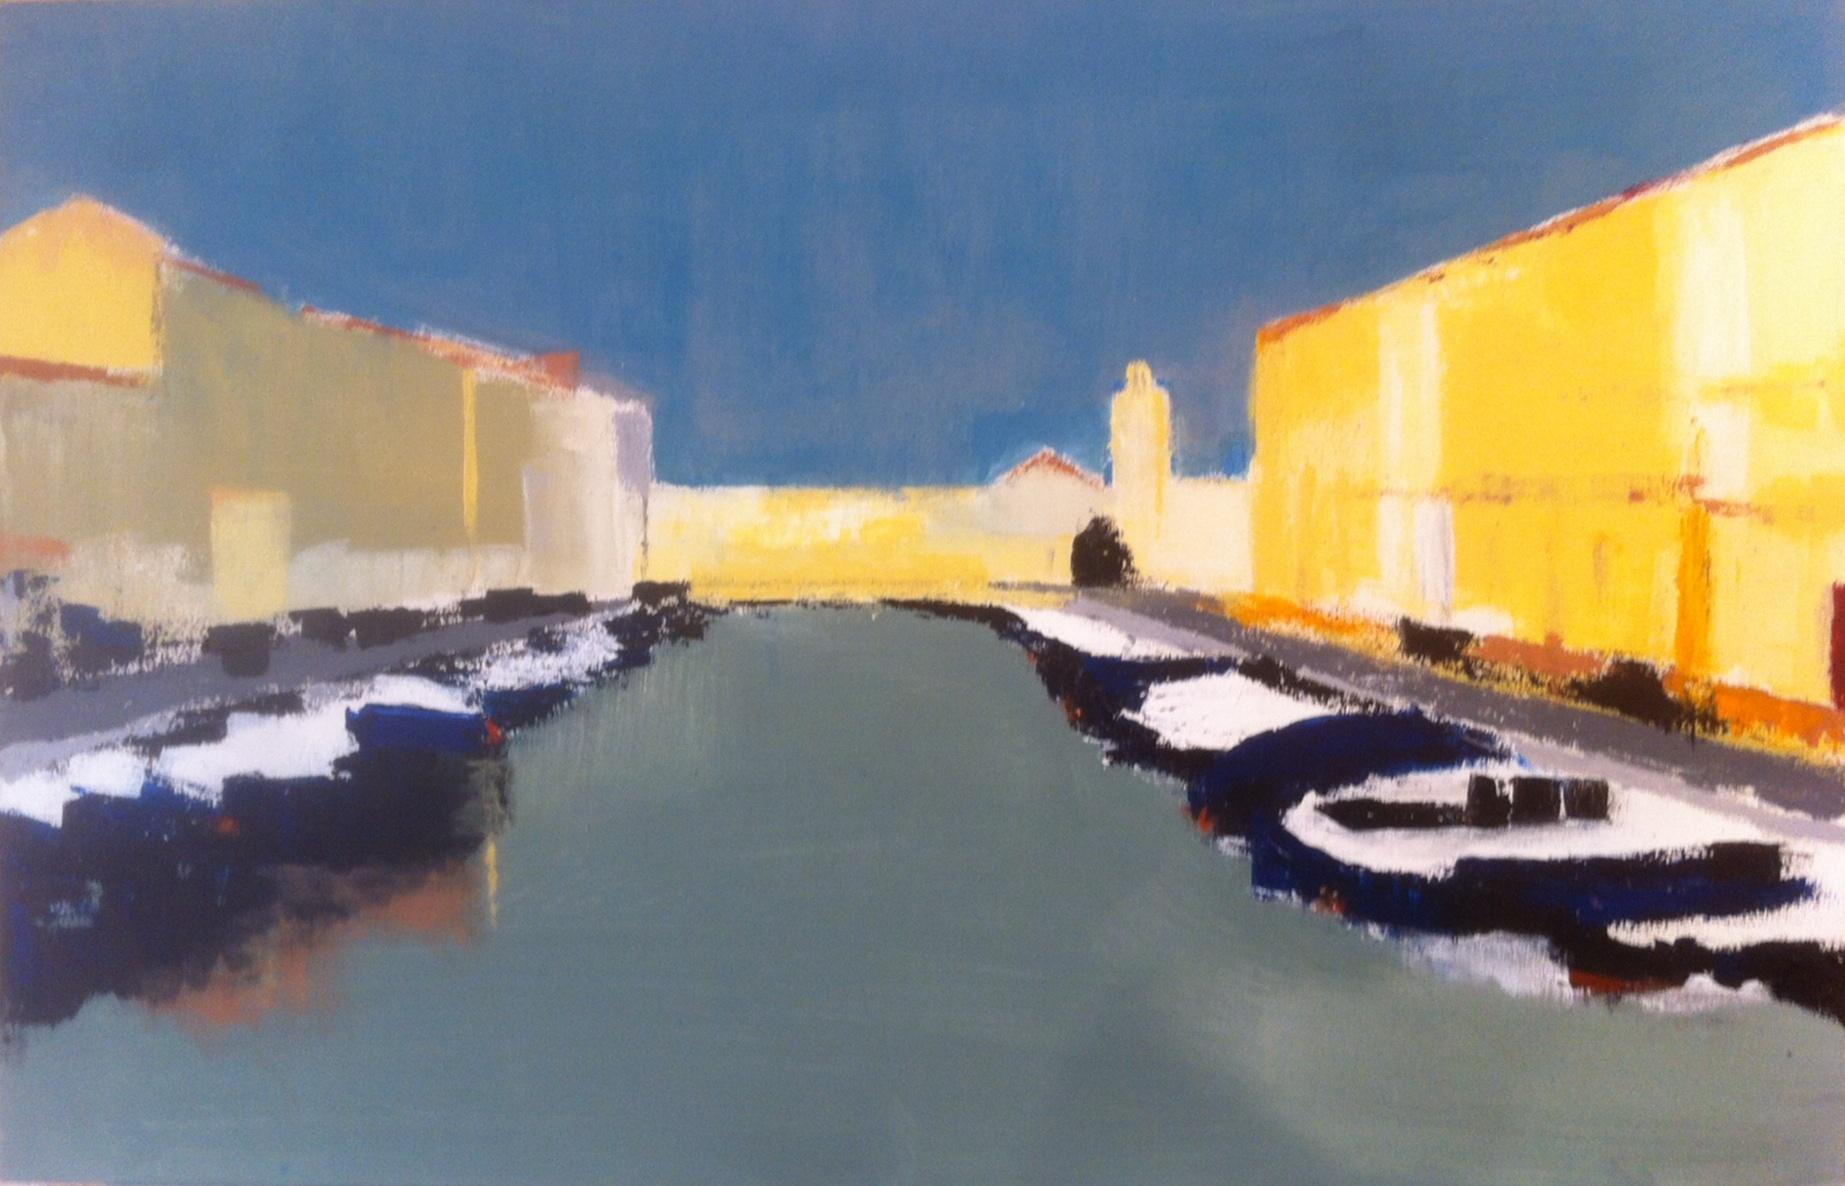 N°1708 - Le grand canal à Sète - Acrylique sur toile - 60 x 92 cm - 27 novembre 2014